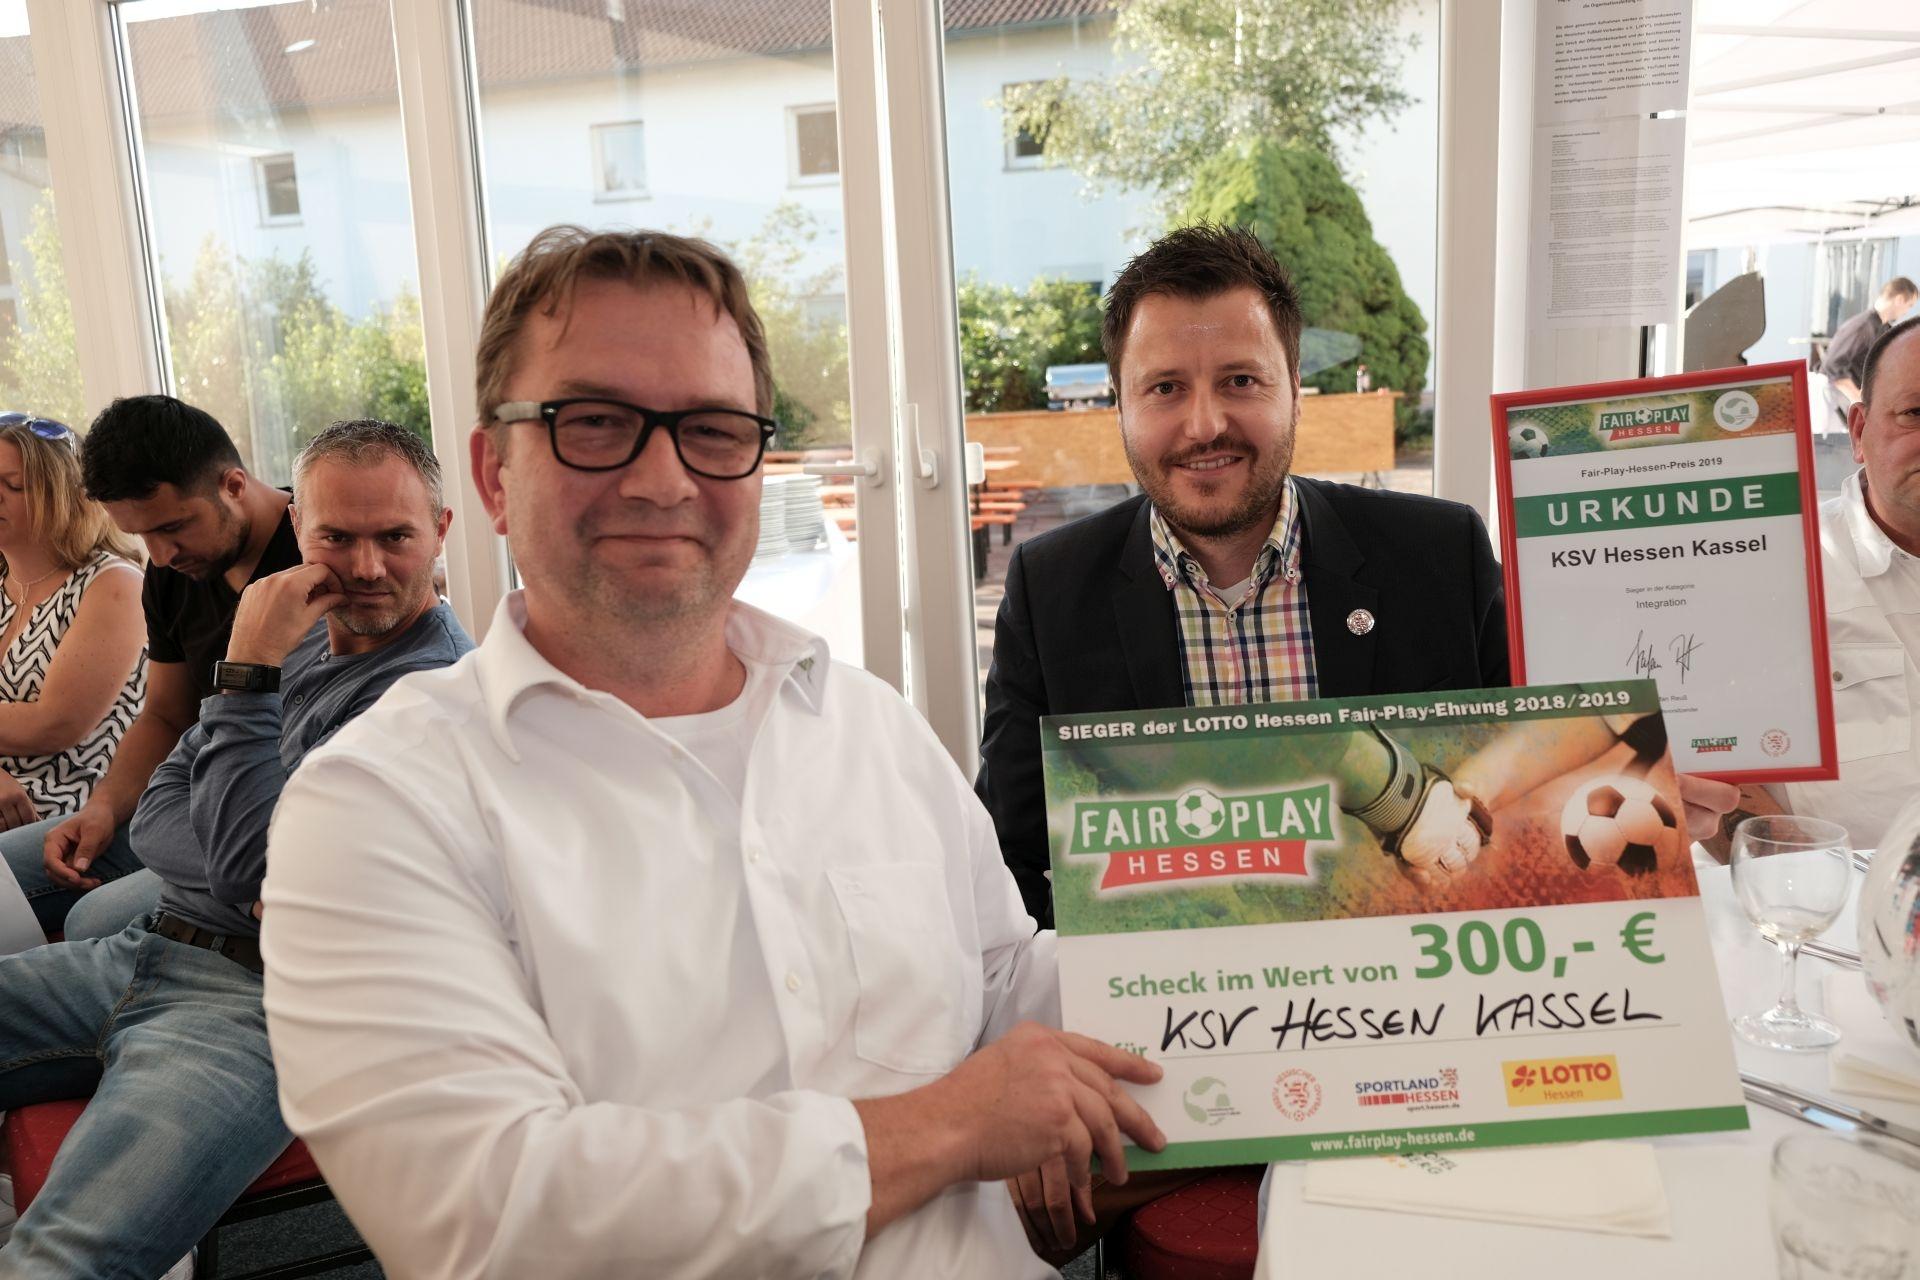 Freuen sich über die Auszeichnung: Thorsten Riewesell und Michael Krannich